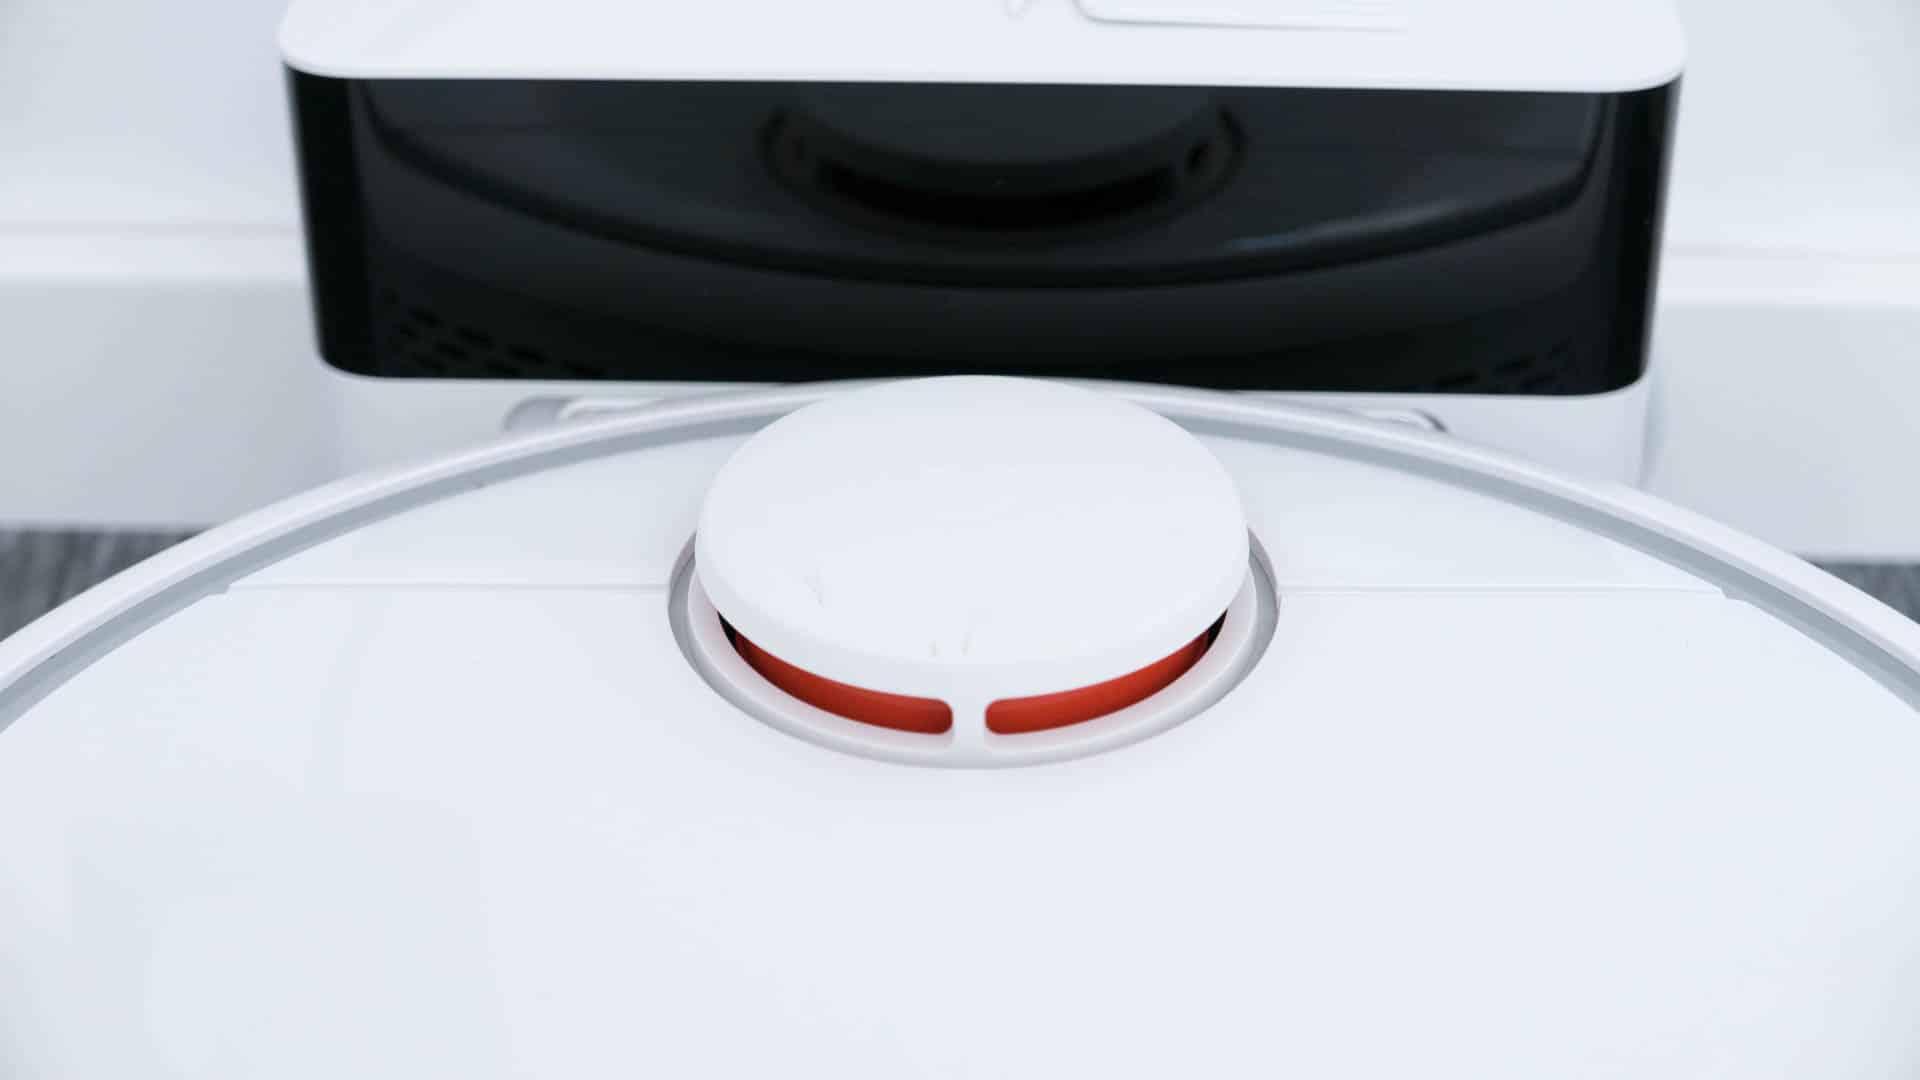 Xiaomi-Mi-Staubsauger-Roboter-im-Test-Laser-Sensor